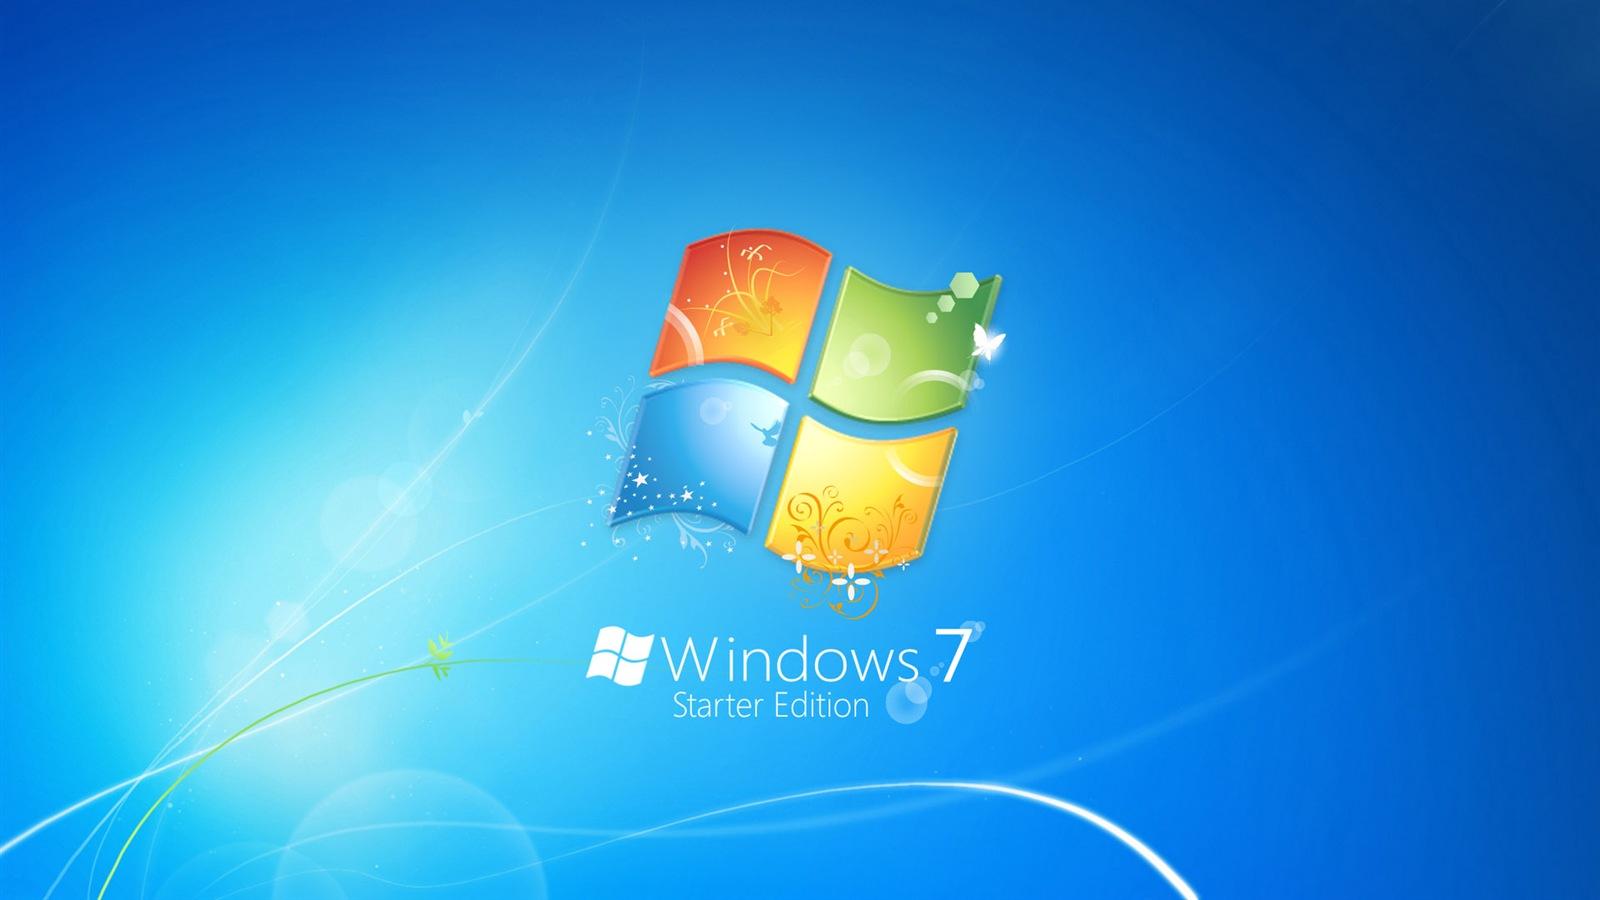 1600x900 壁紙 Windows7のテーマ青色の背景色のロゴ